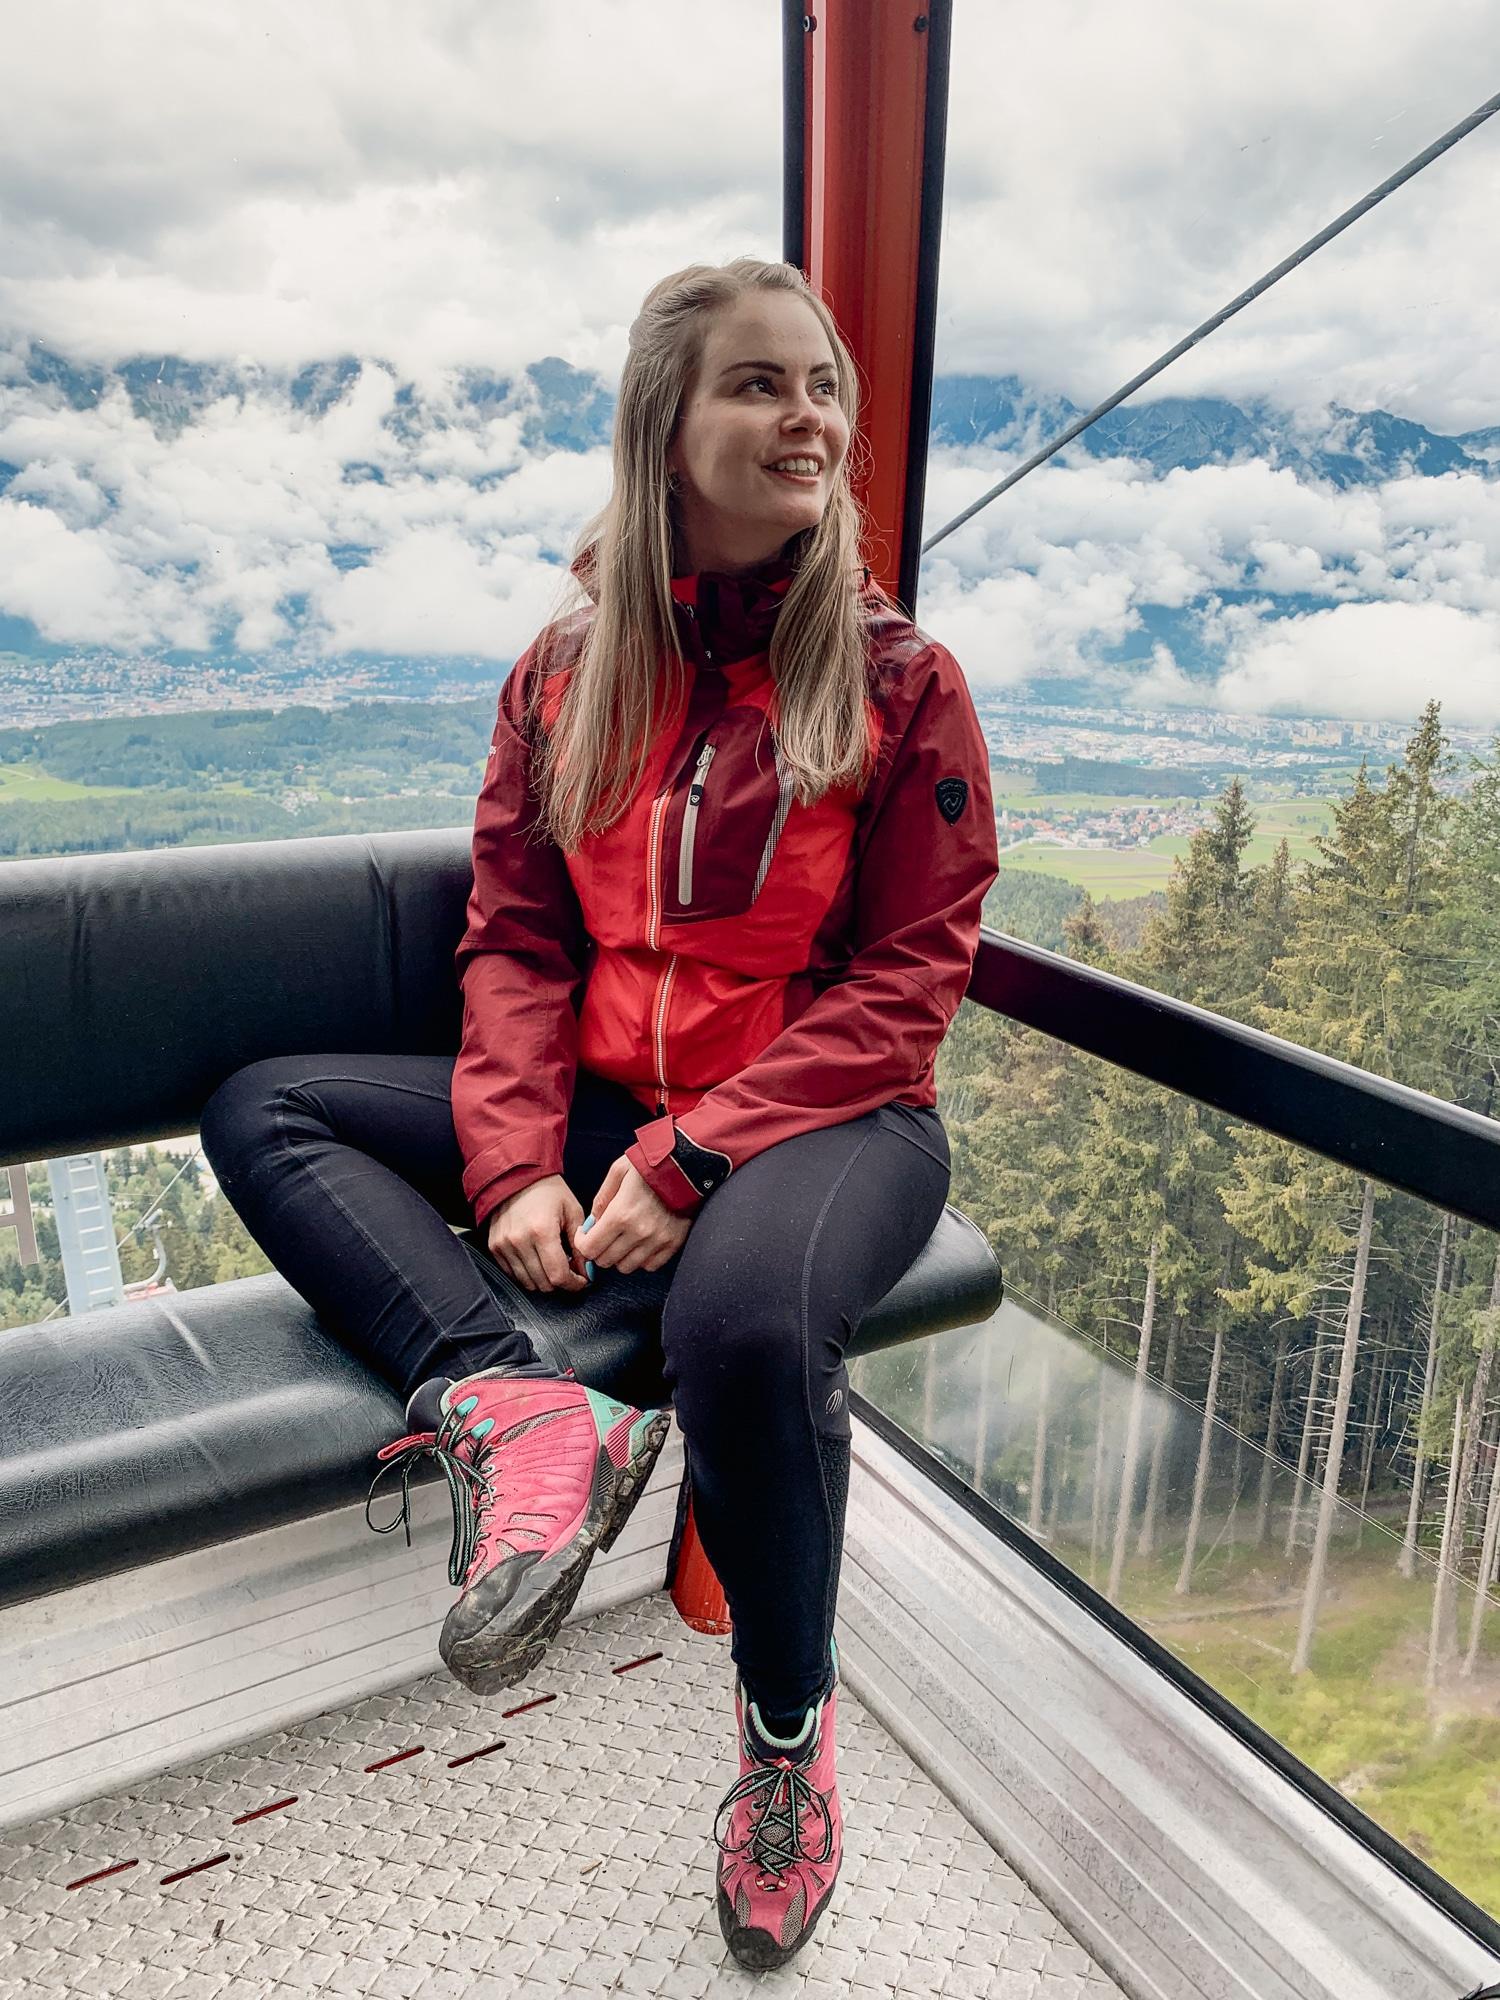 Innsbruck Sehenswürdigkeiten: Top Ten Highlights und Tipps für die Stadt - Zirbenweg Patscherkoflbahn